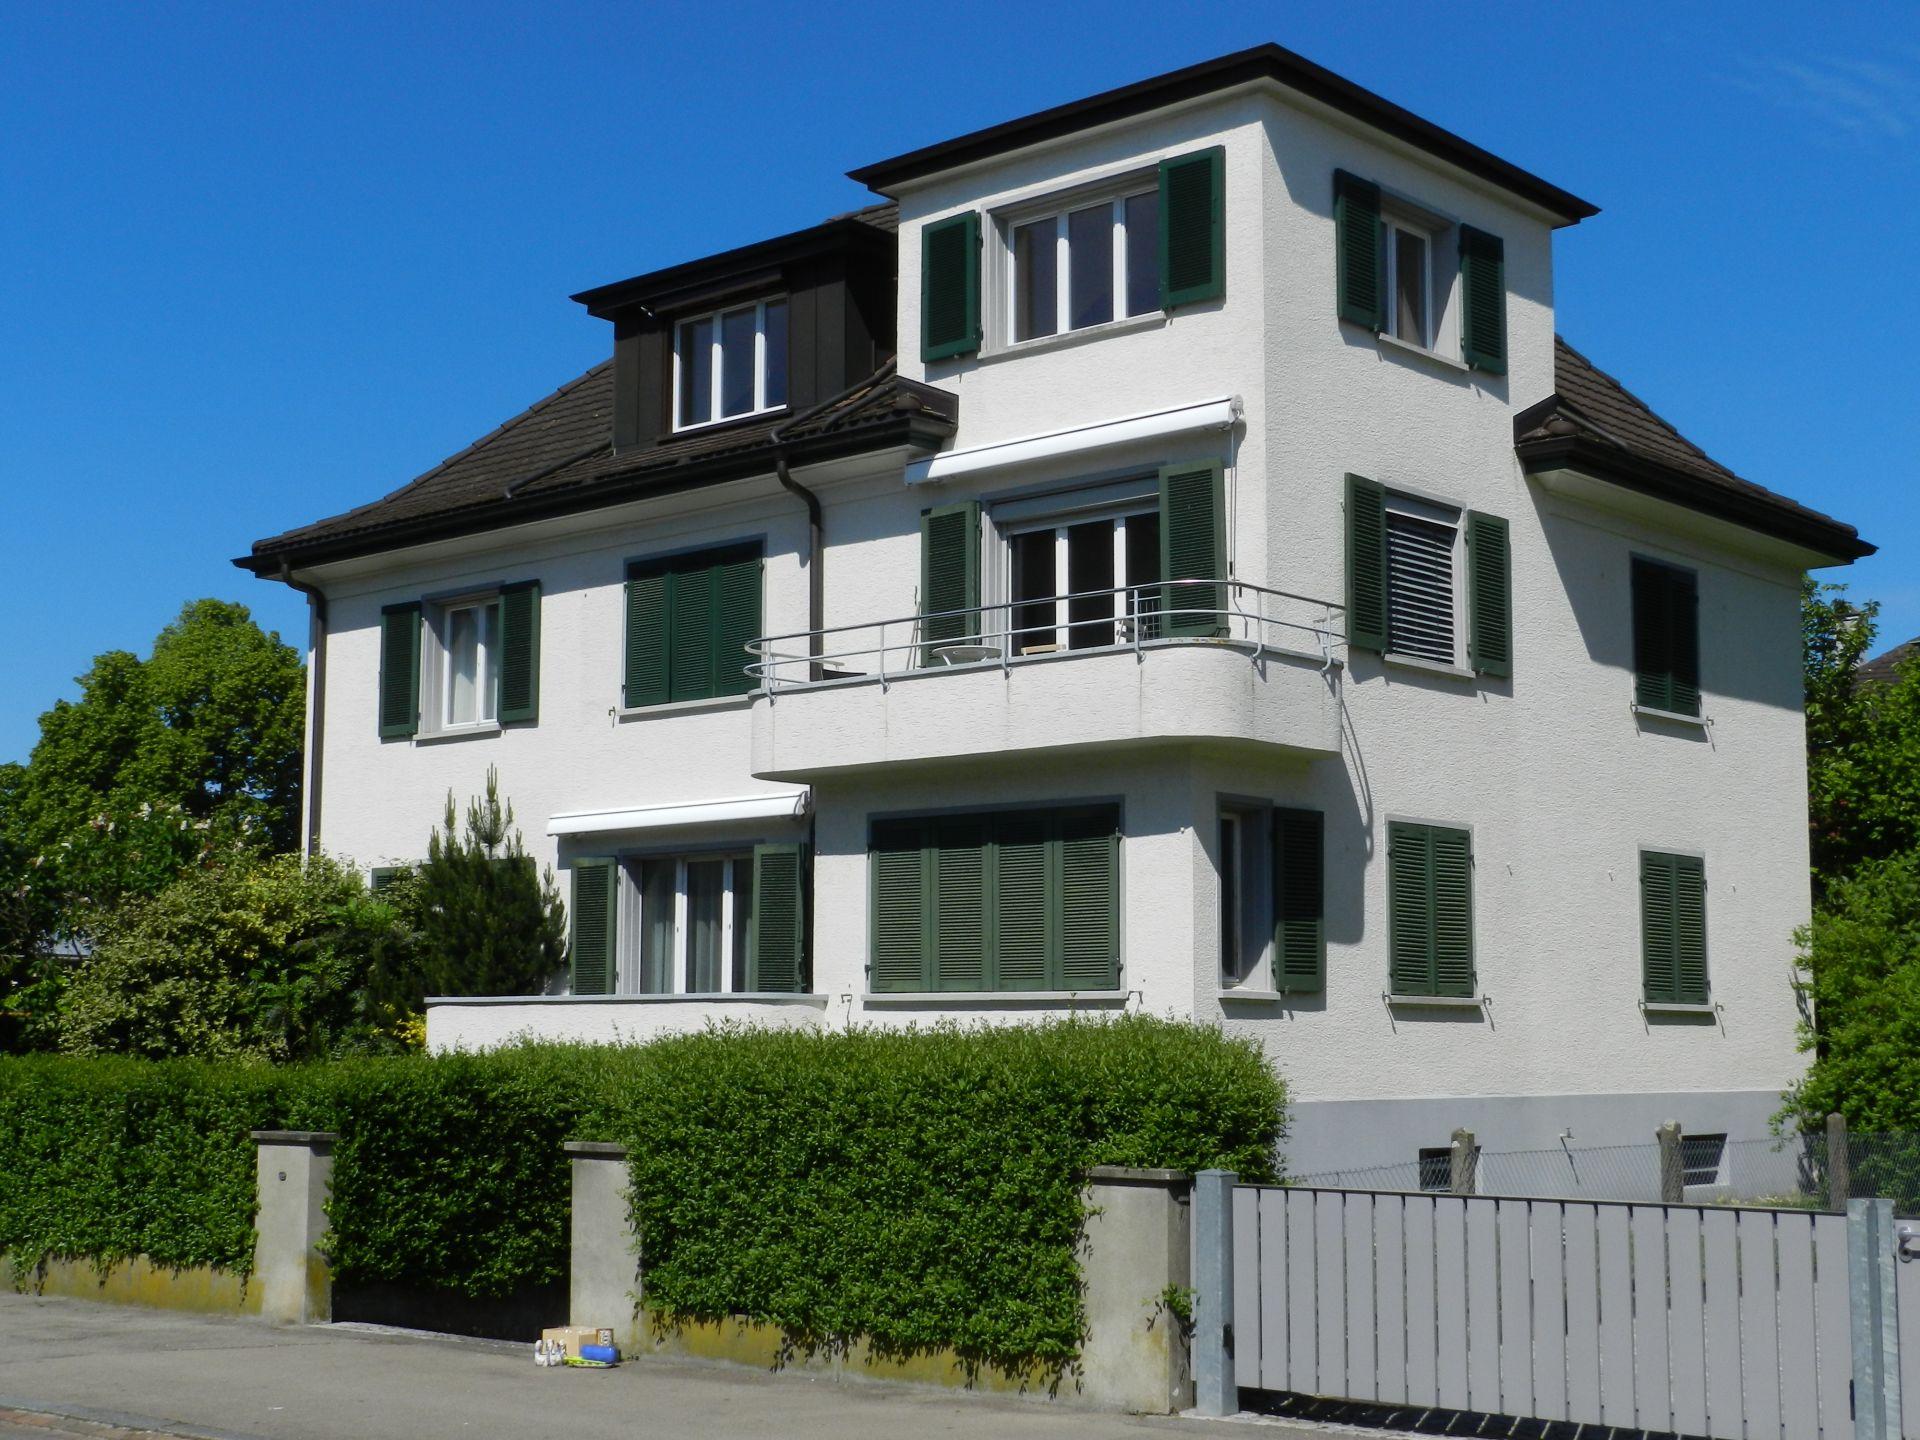 8280 Kreuzlingen